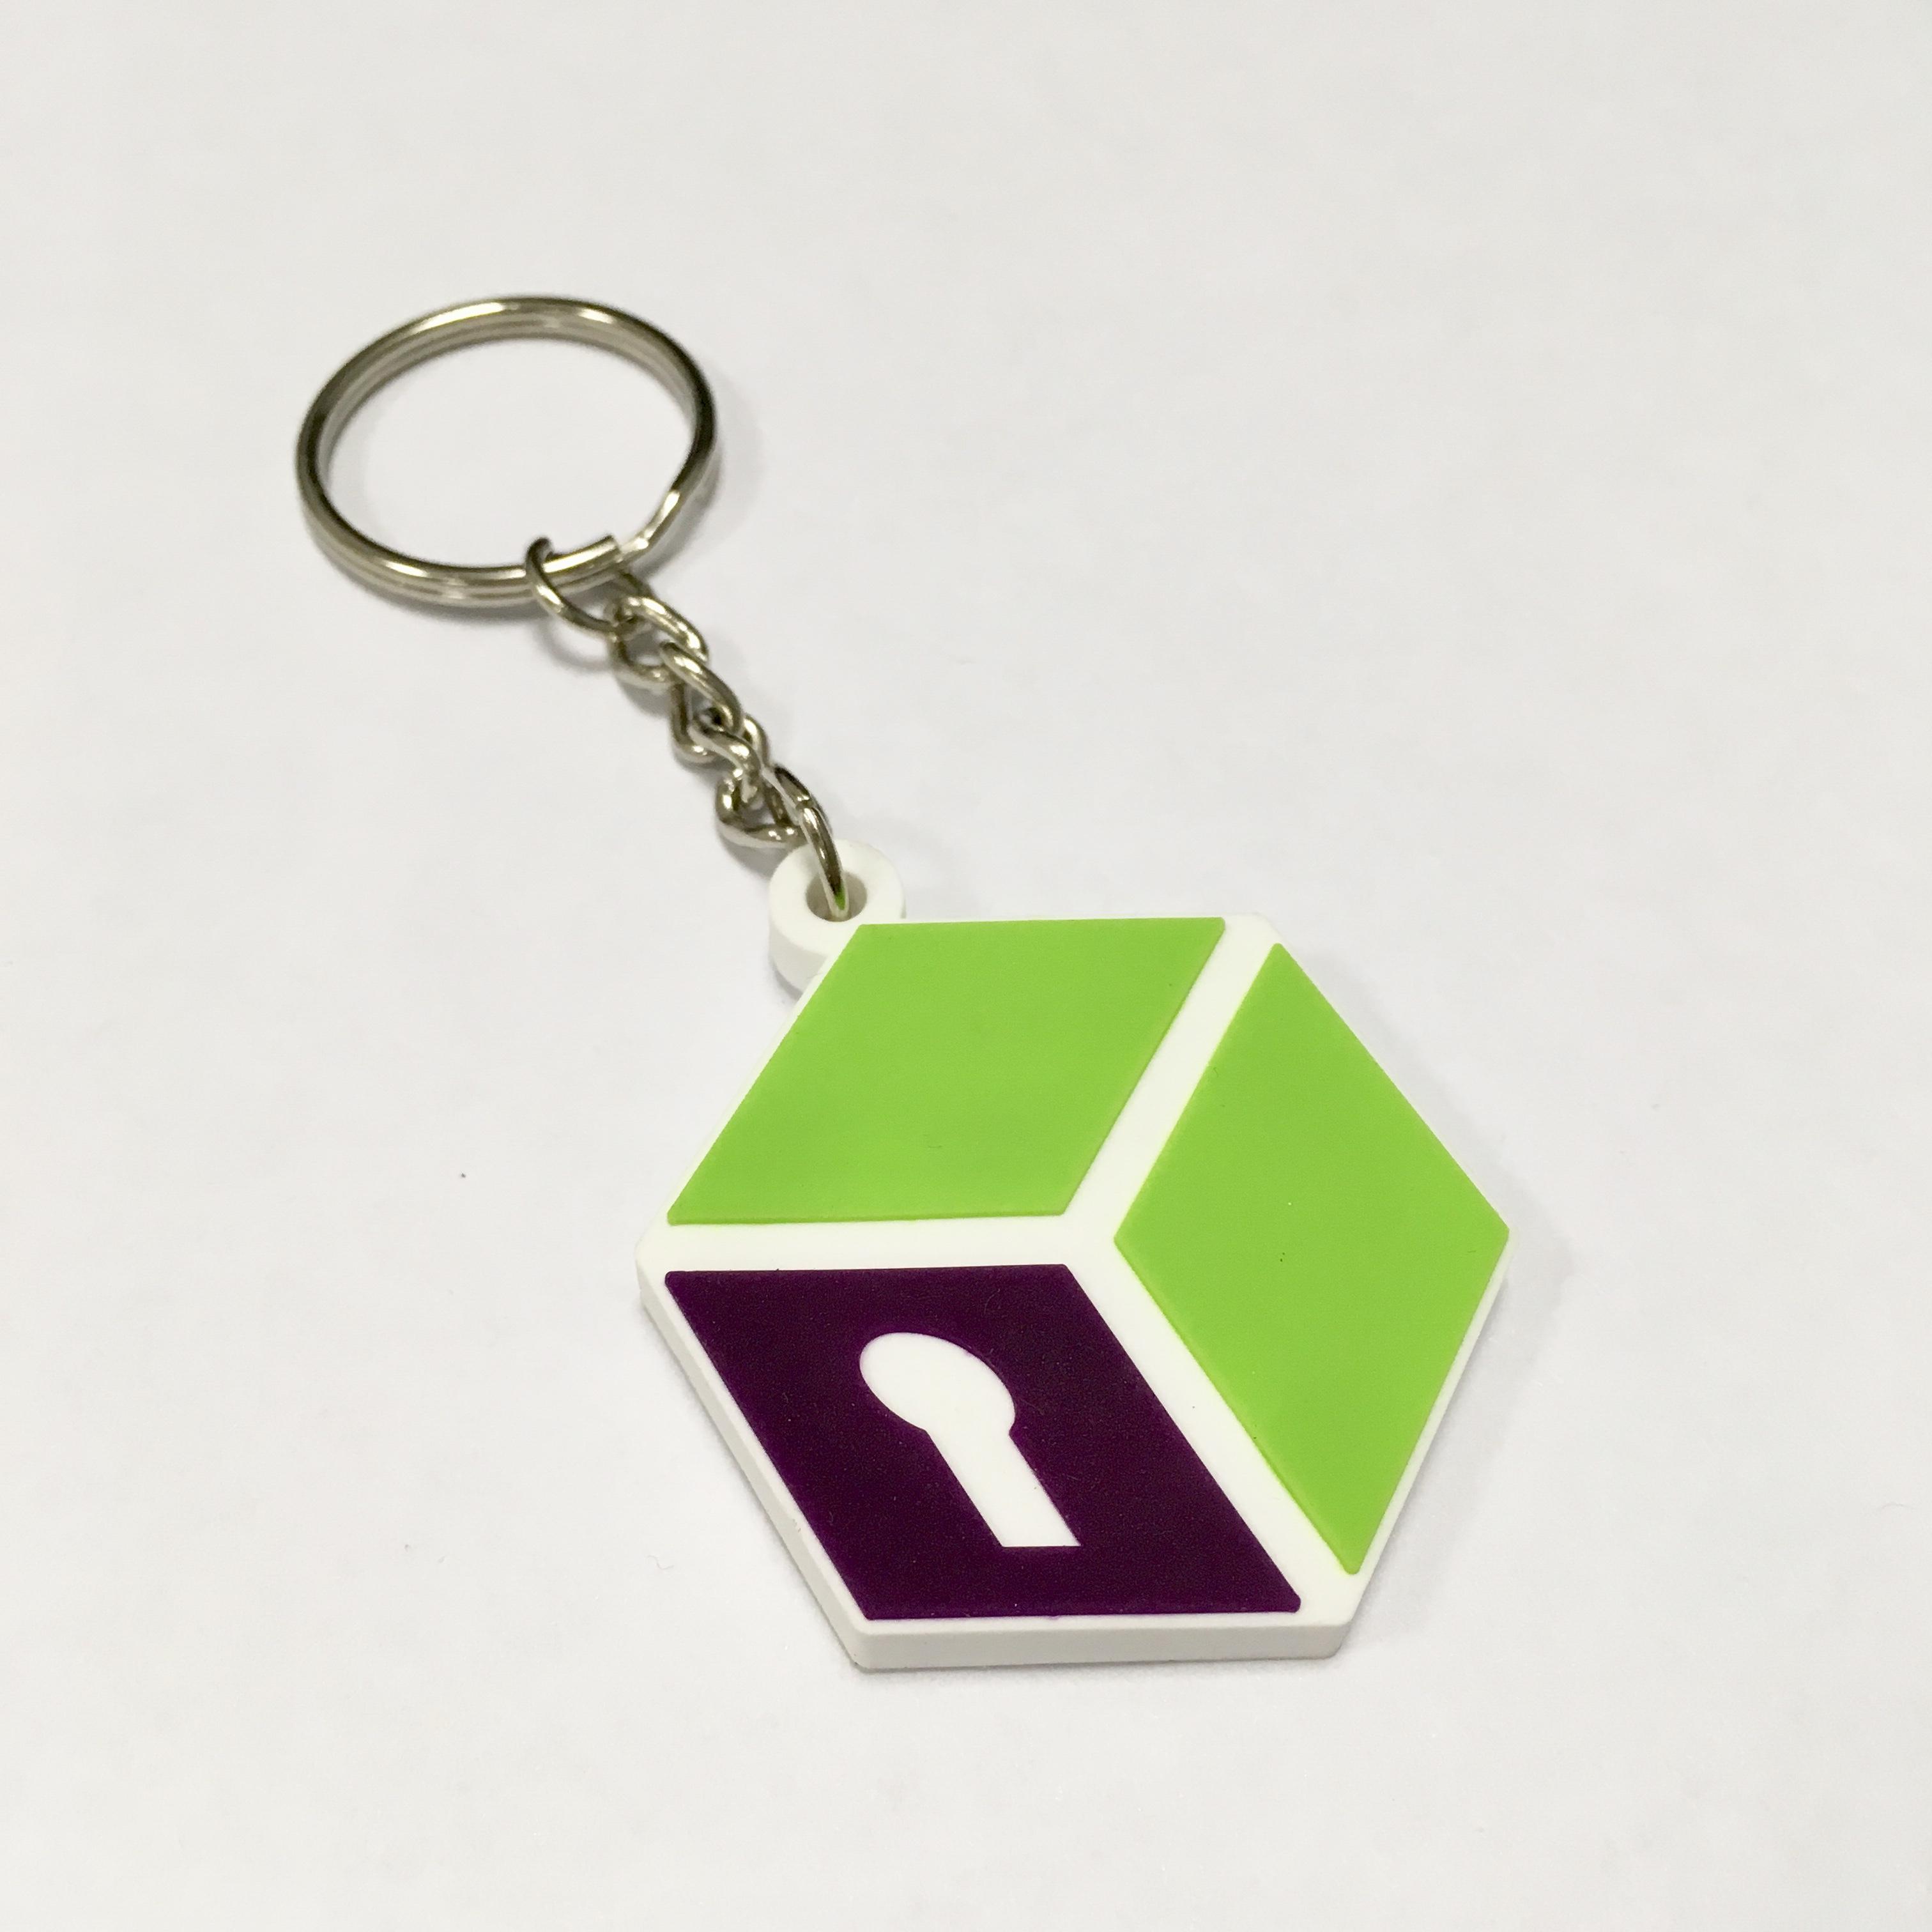 Силиконовый RFID брелок с индивидуальным дизайном